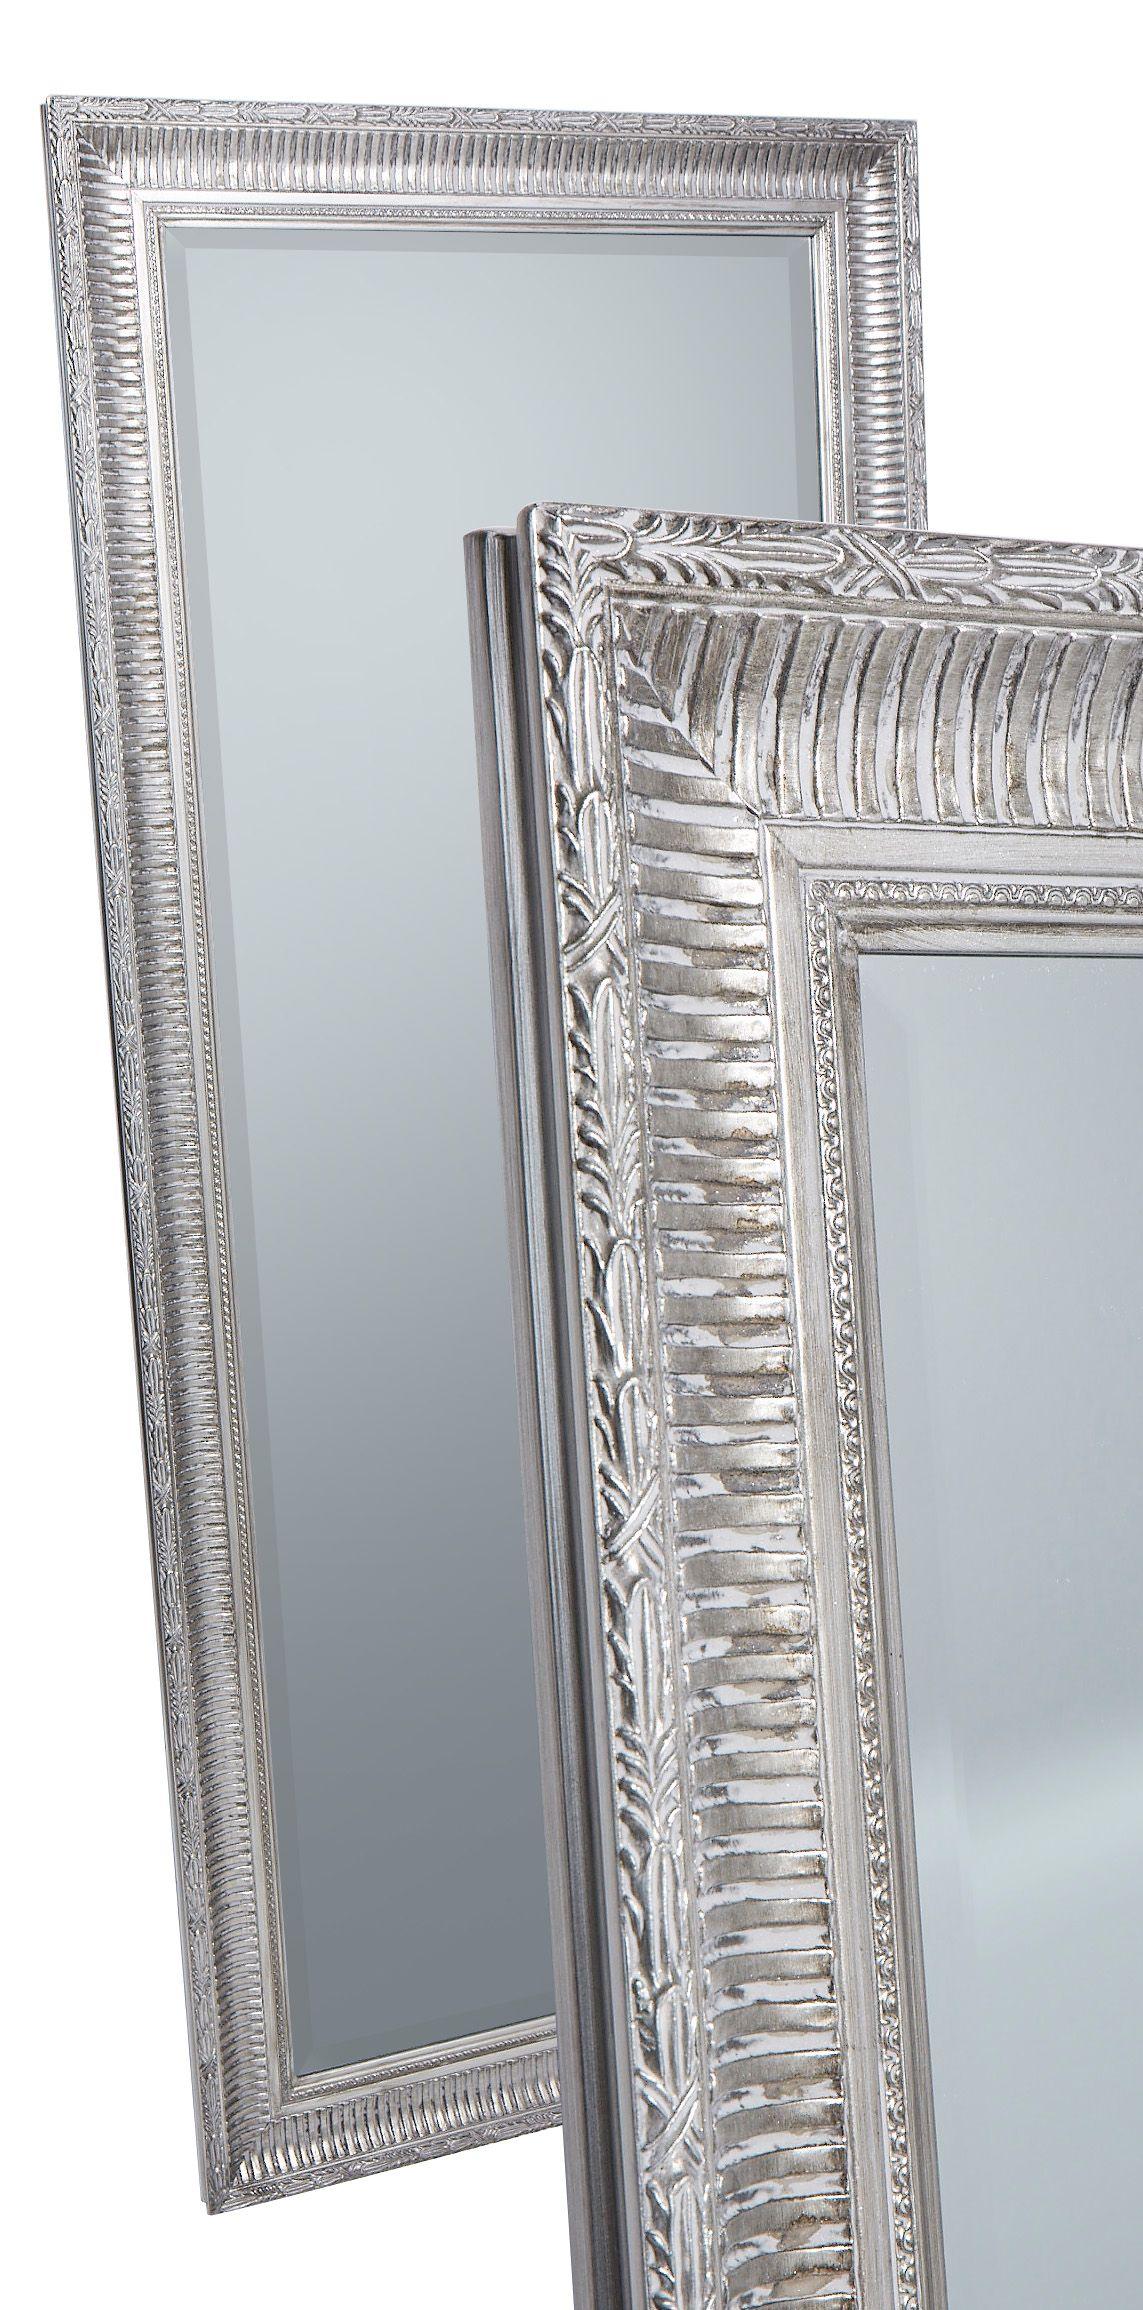 Design Wandspiegel silber 6x6cm  Spiegel silber, Wandspiegel